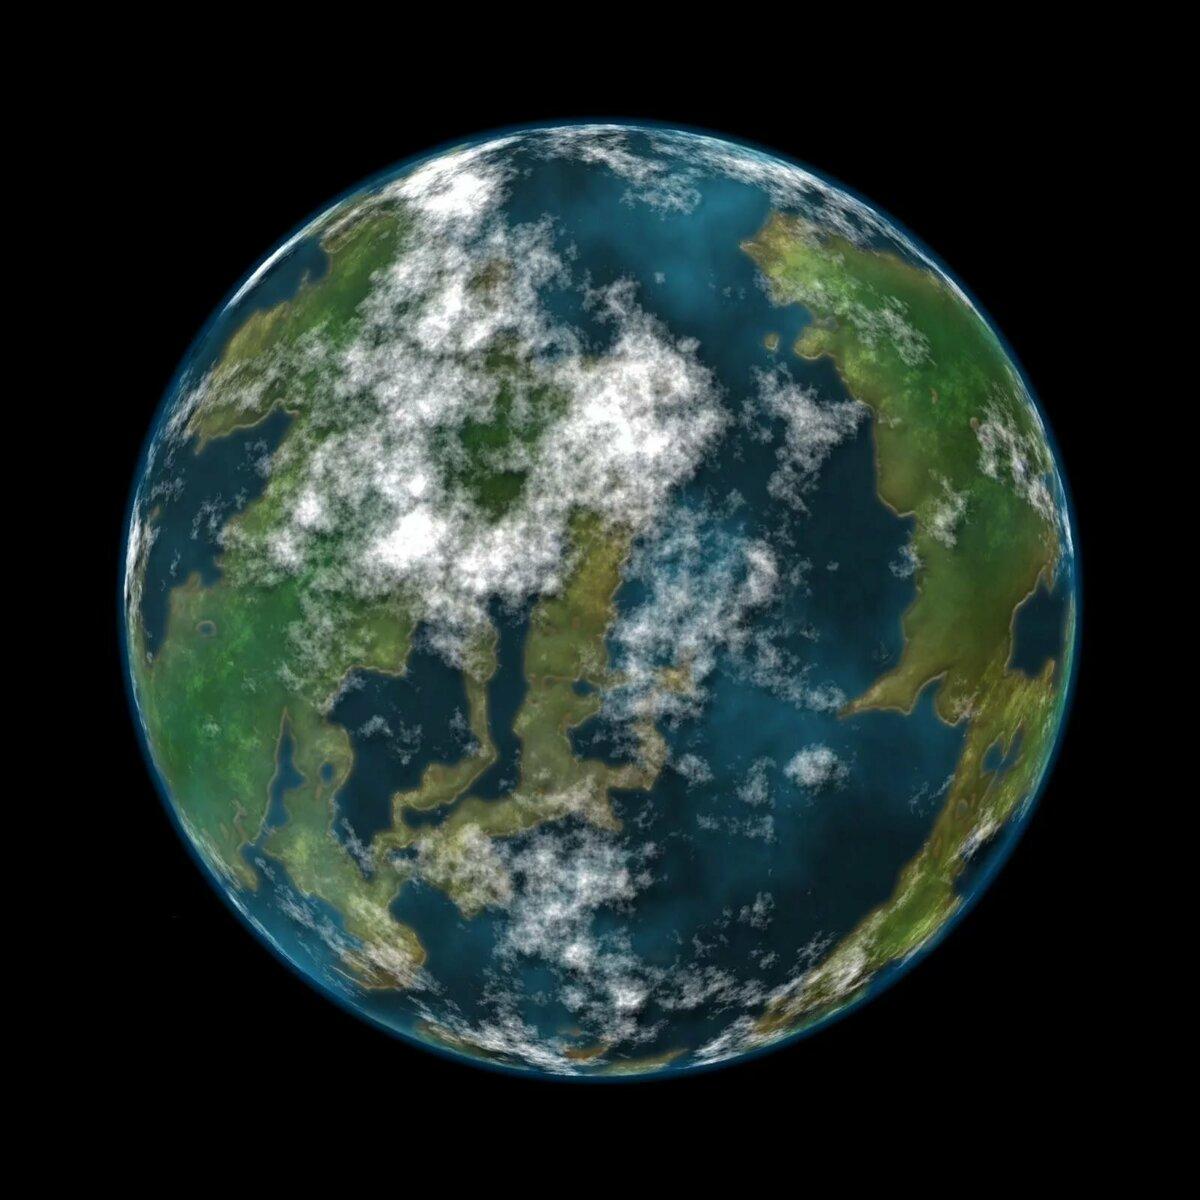 рисунок планеты земля из космоса существуют некоторые правила